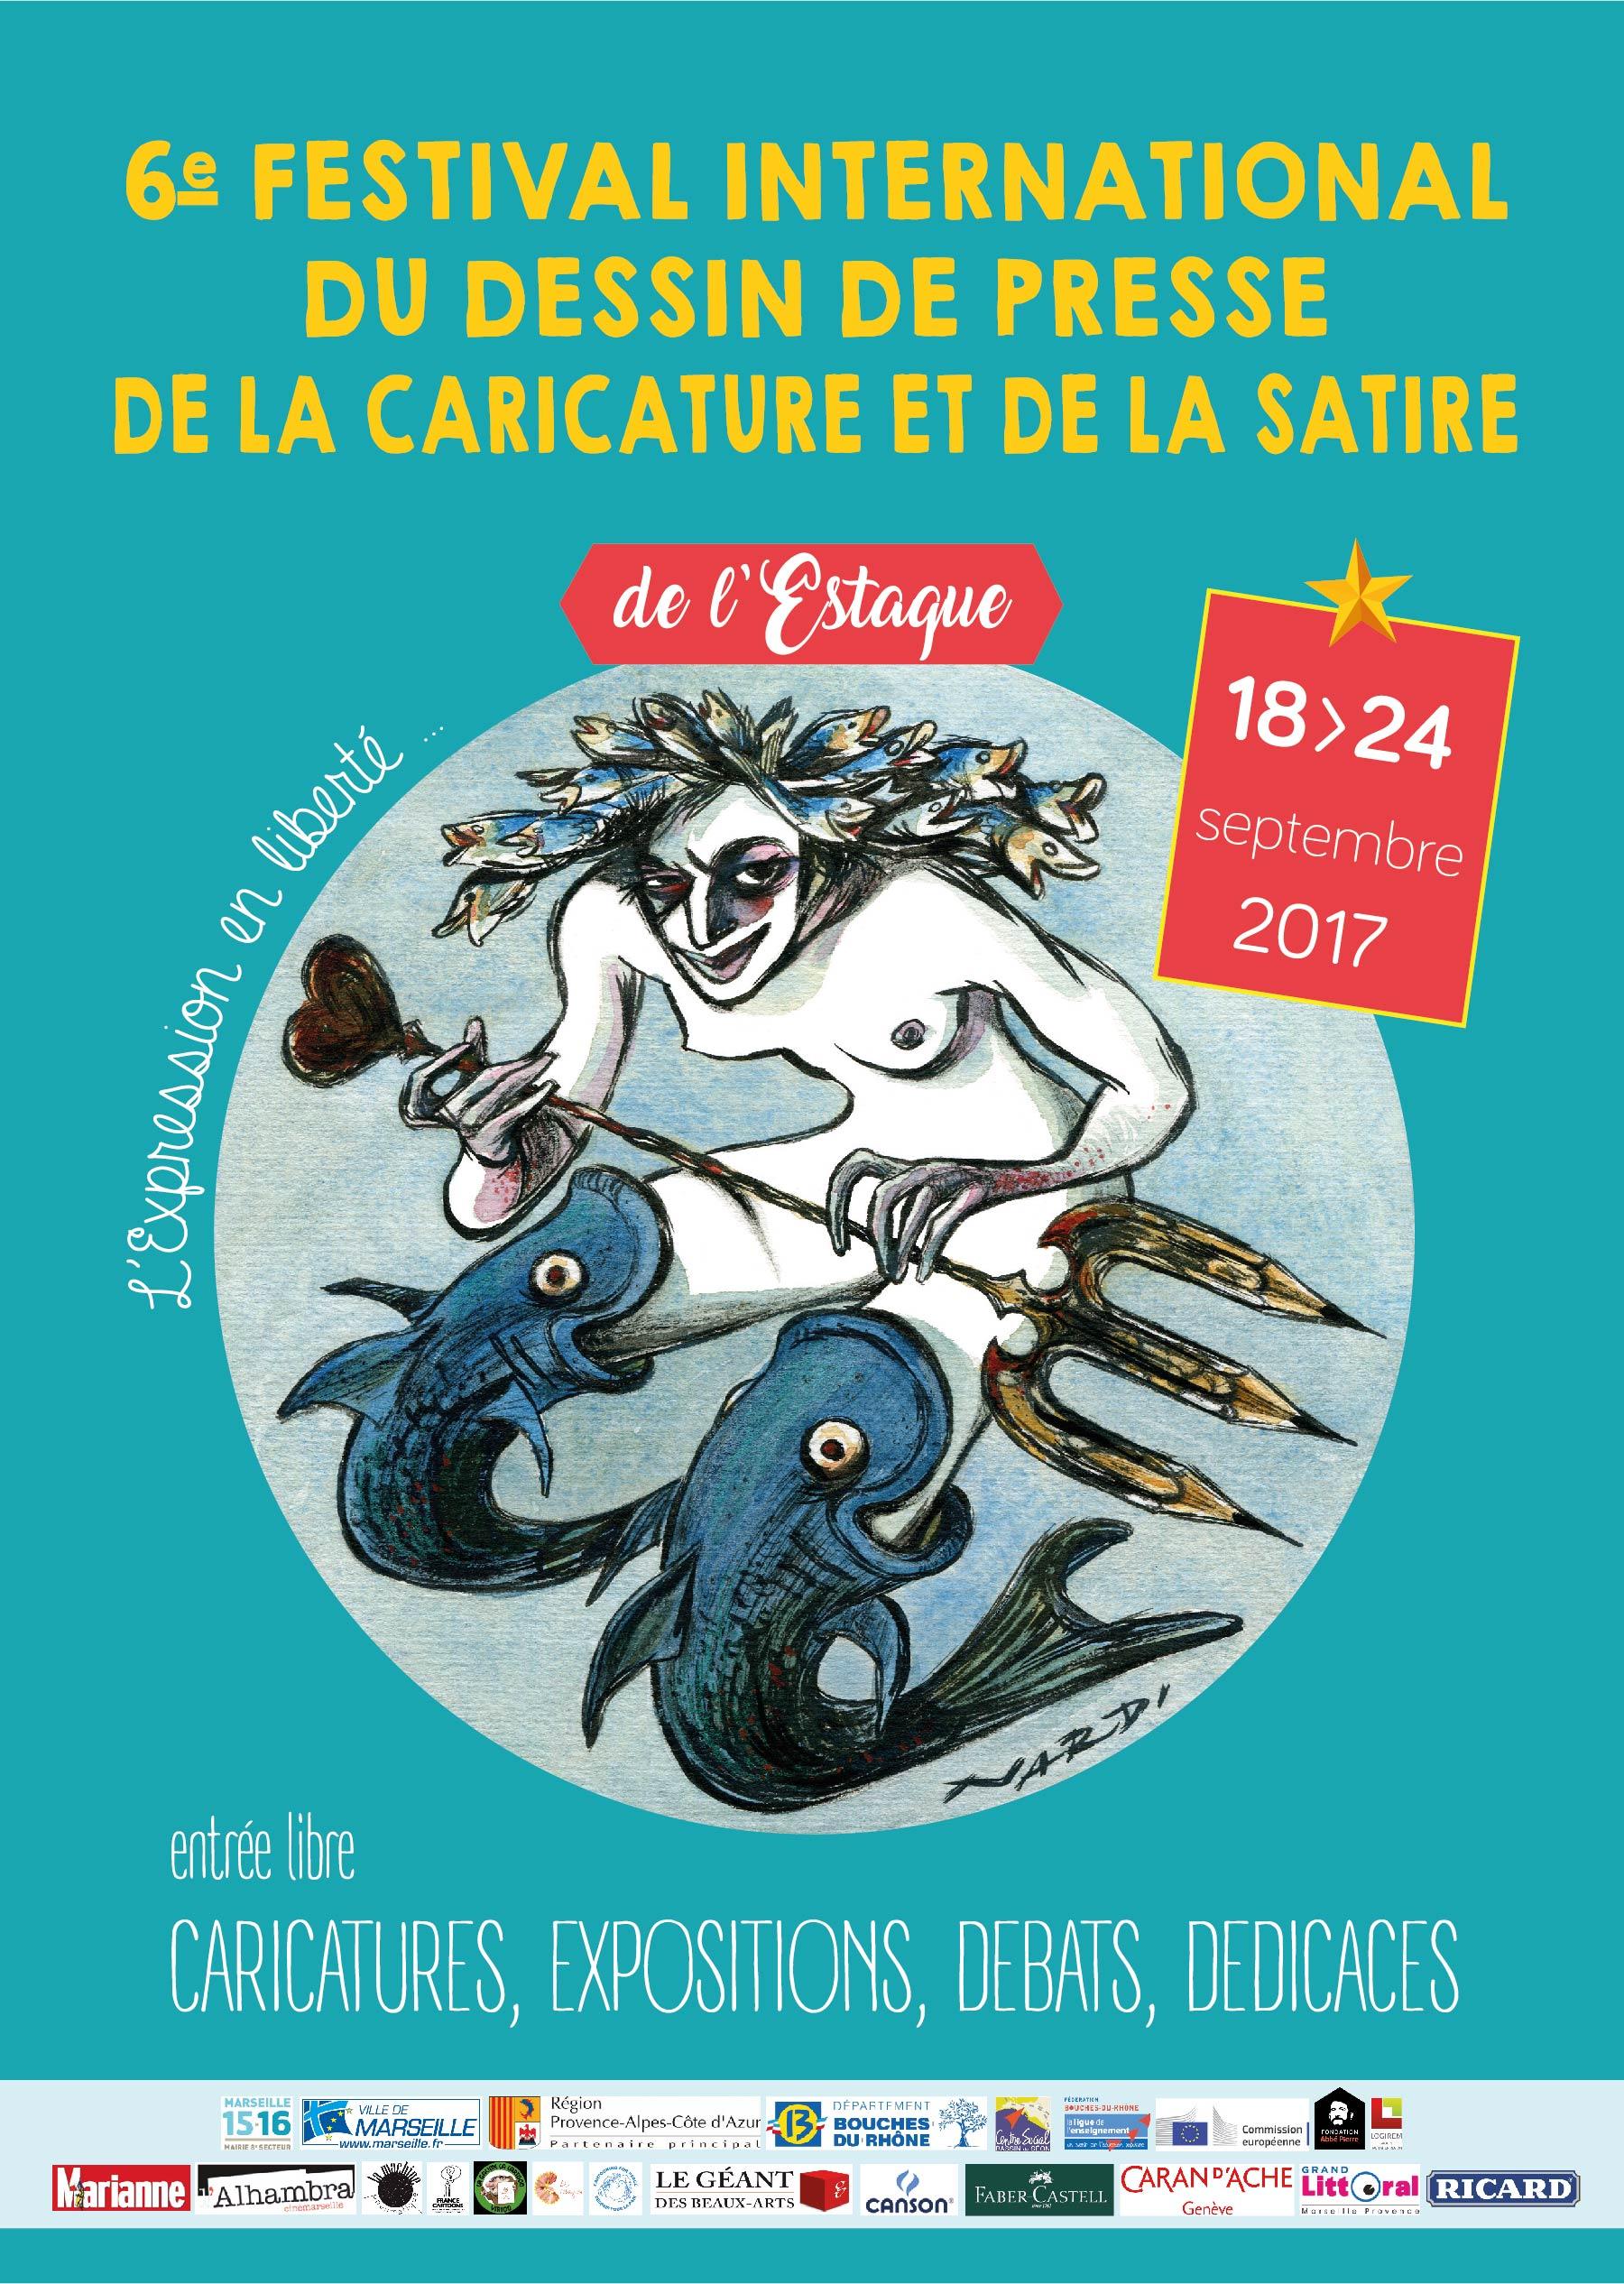 VIe Festival International du Dessin  de Presse de la Caricature et de la Satire de l'Estaque